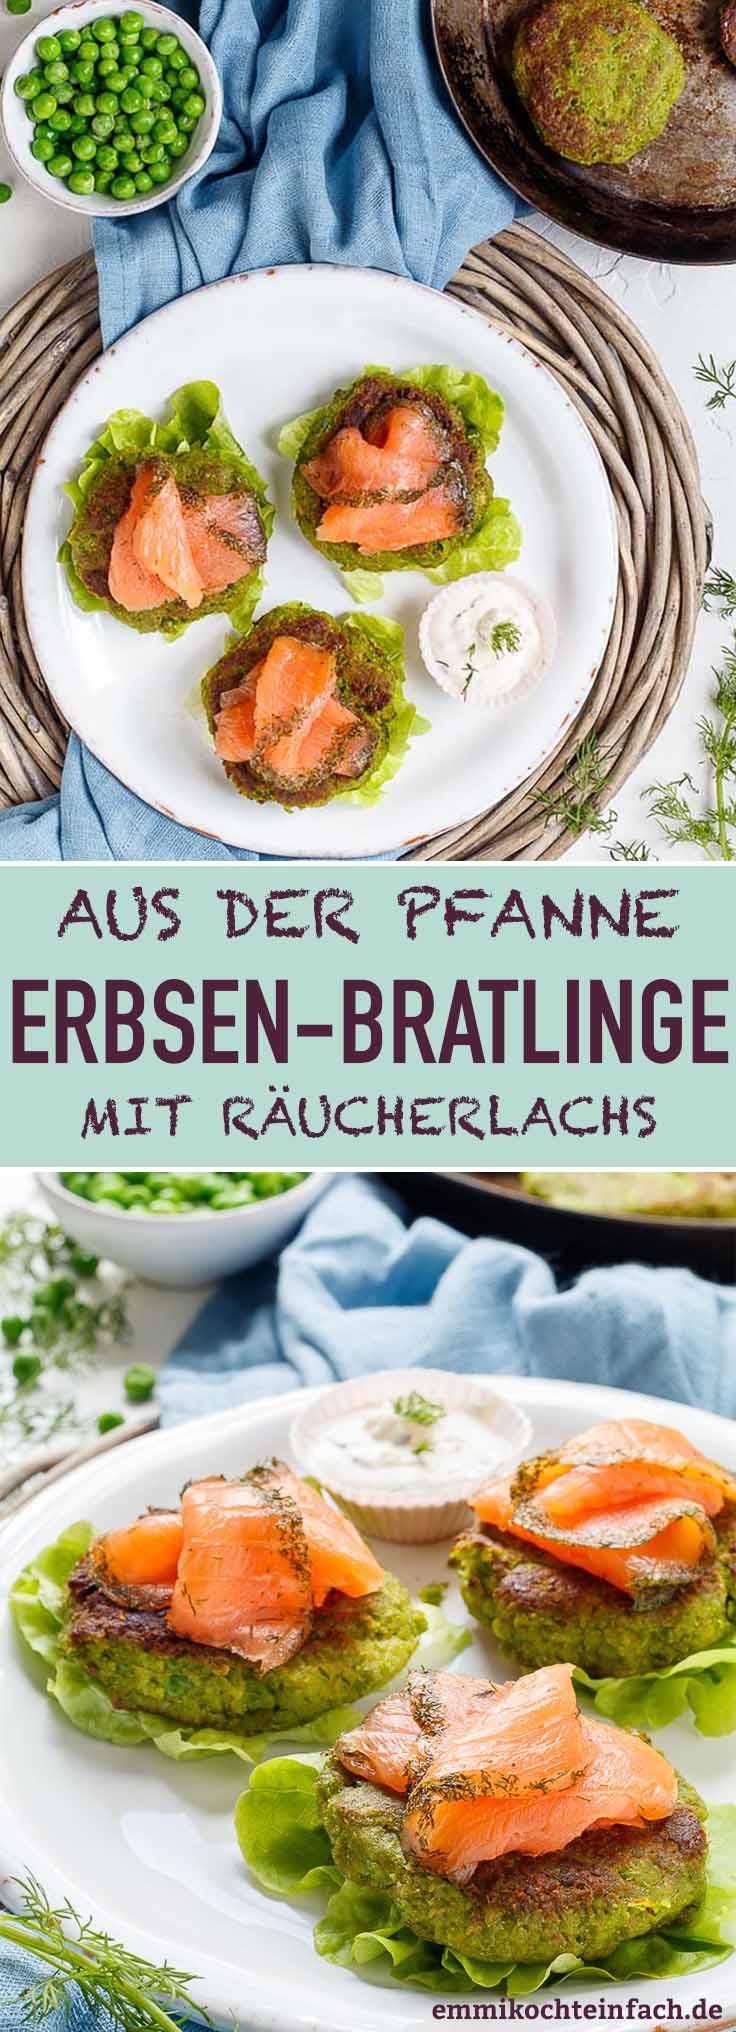 Erbsen Bratlinge mit Räucherlachs - www.emmikochteinfach.de